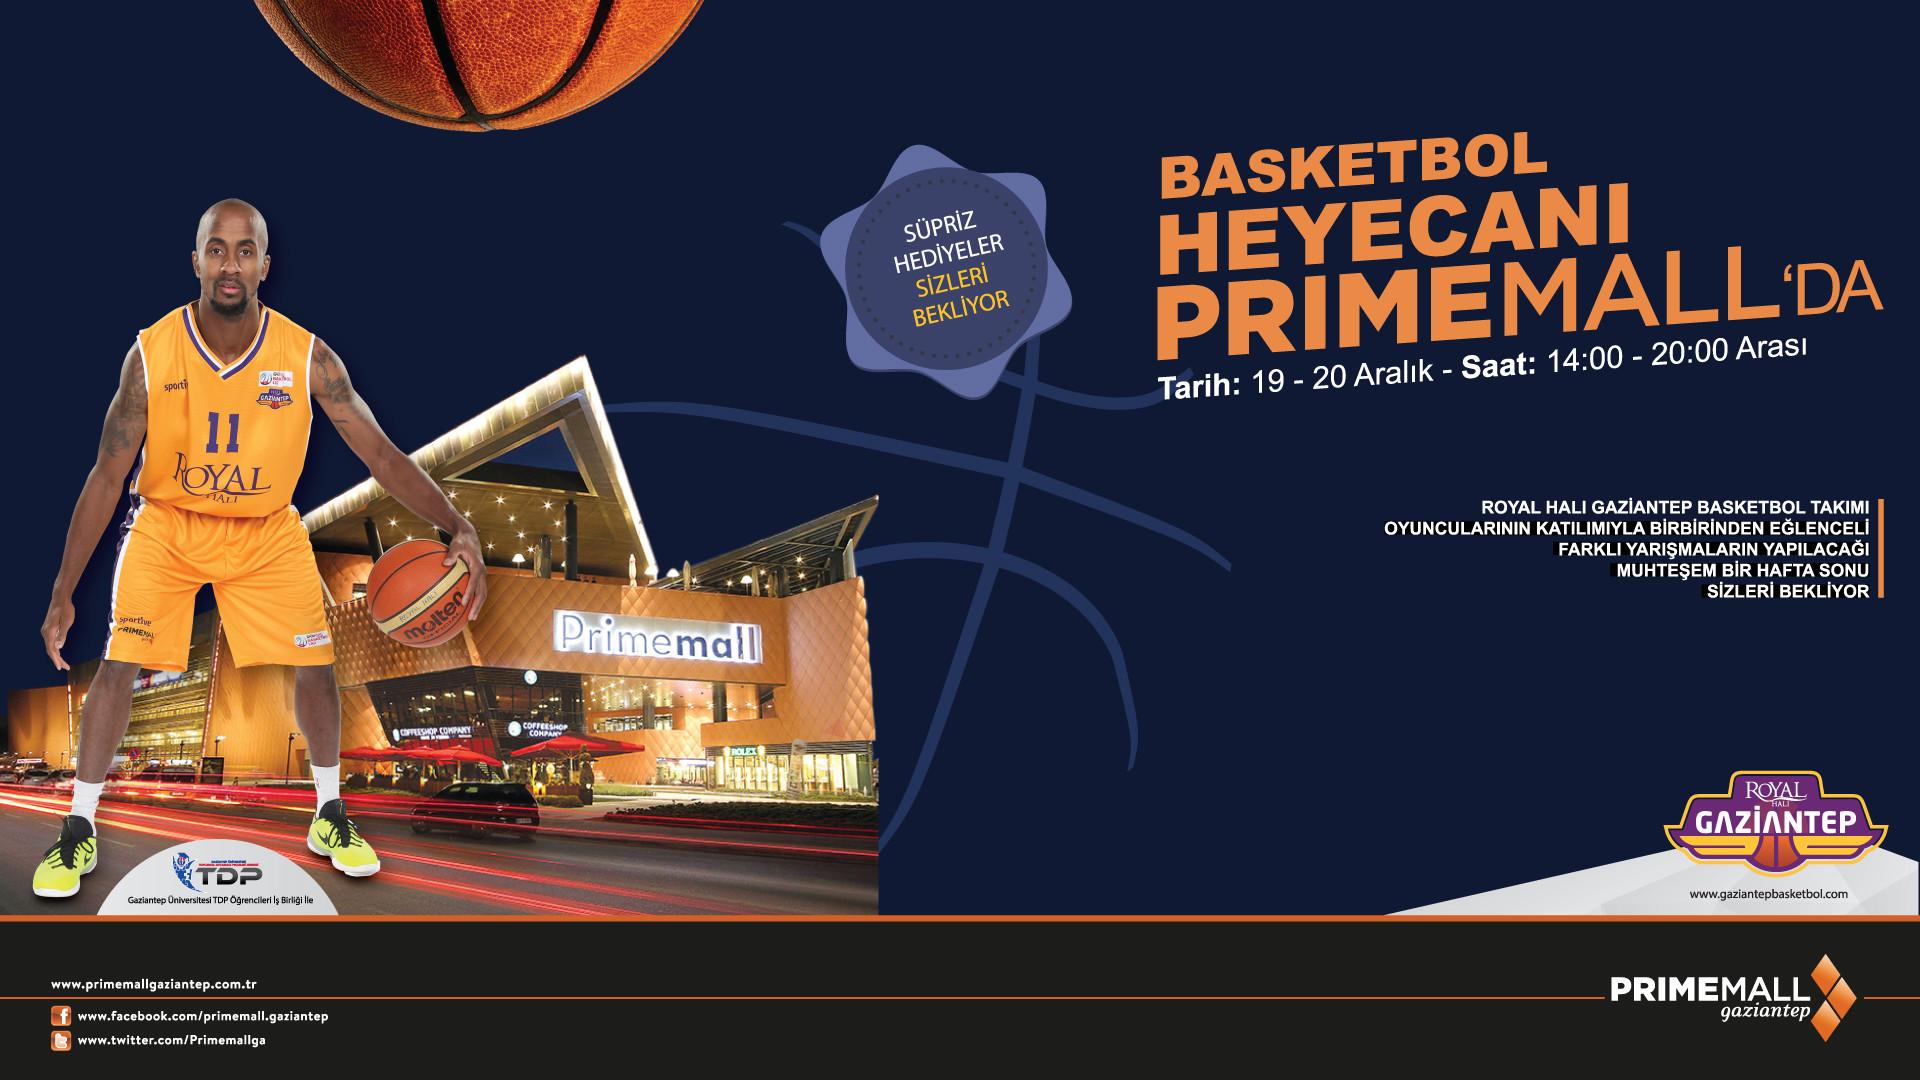 Basketbol Heyecanı Primemall'da